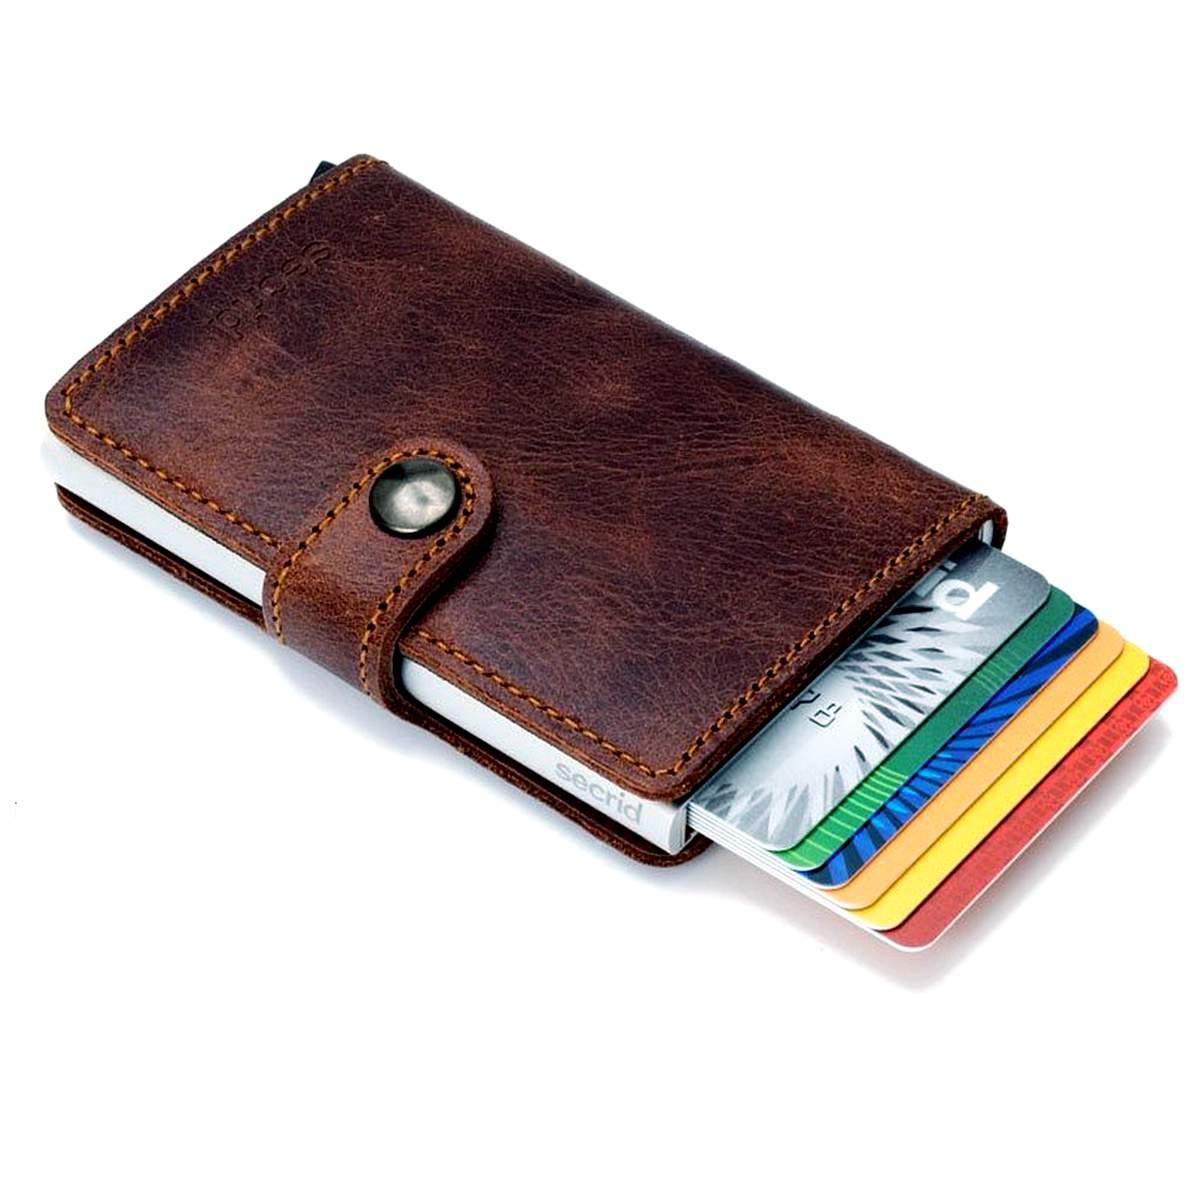 Secrid RFID secure credit card miniwallet vintage brown leather | The Design Gift Shop